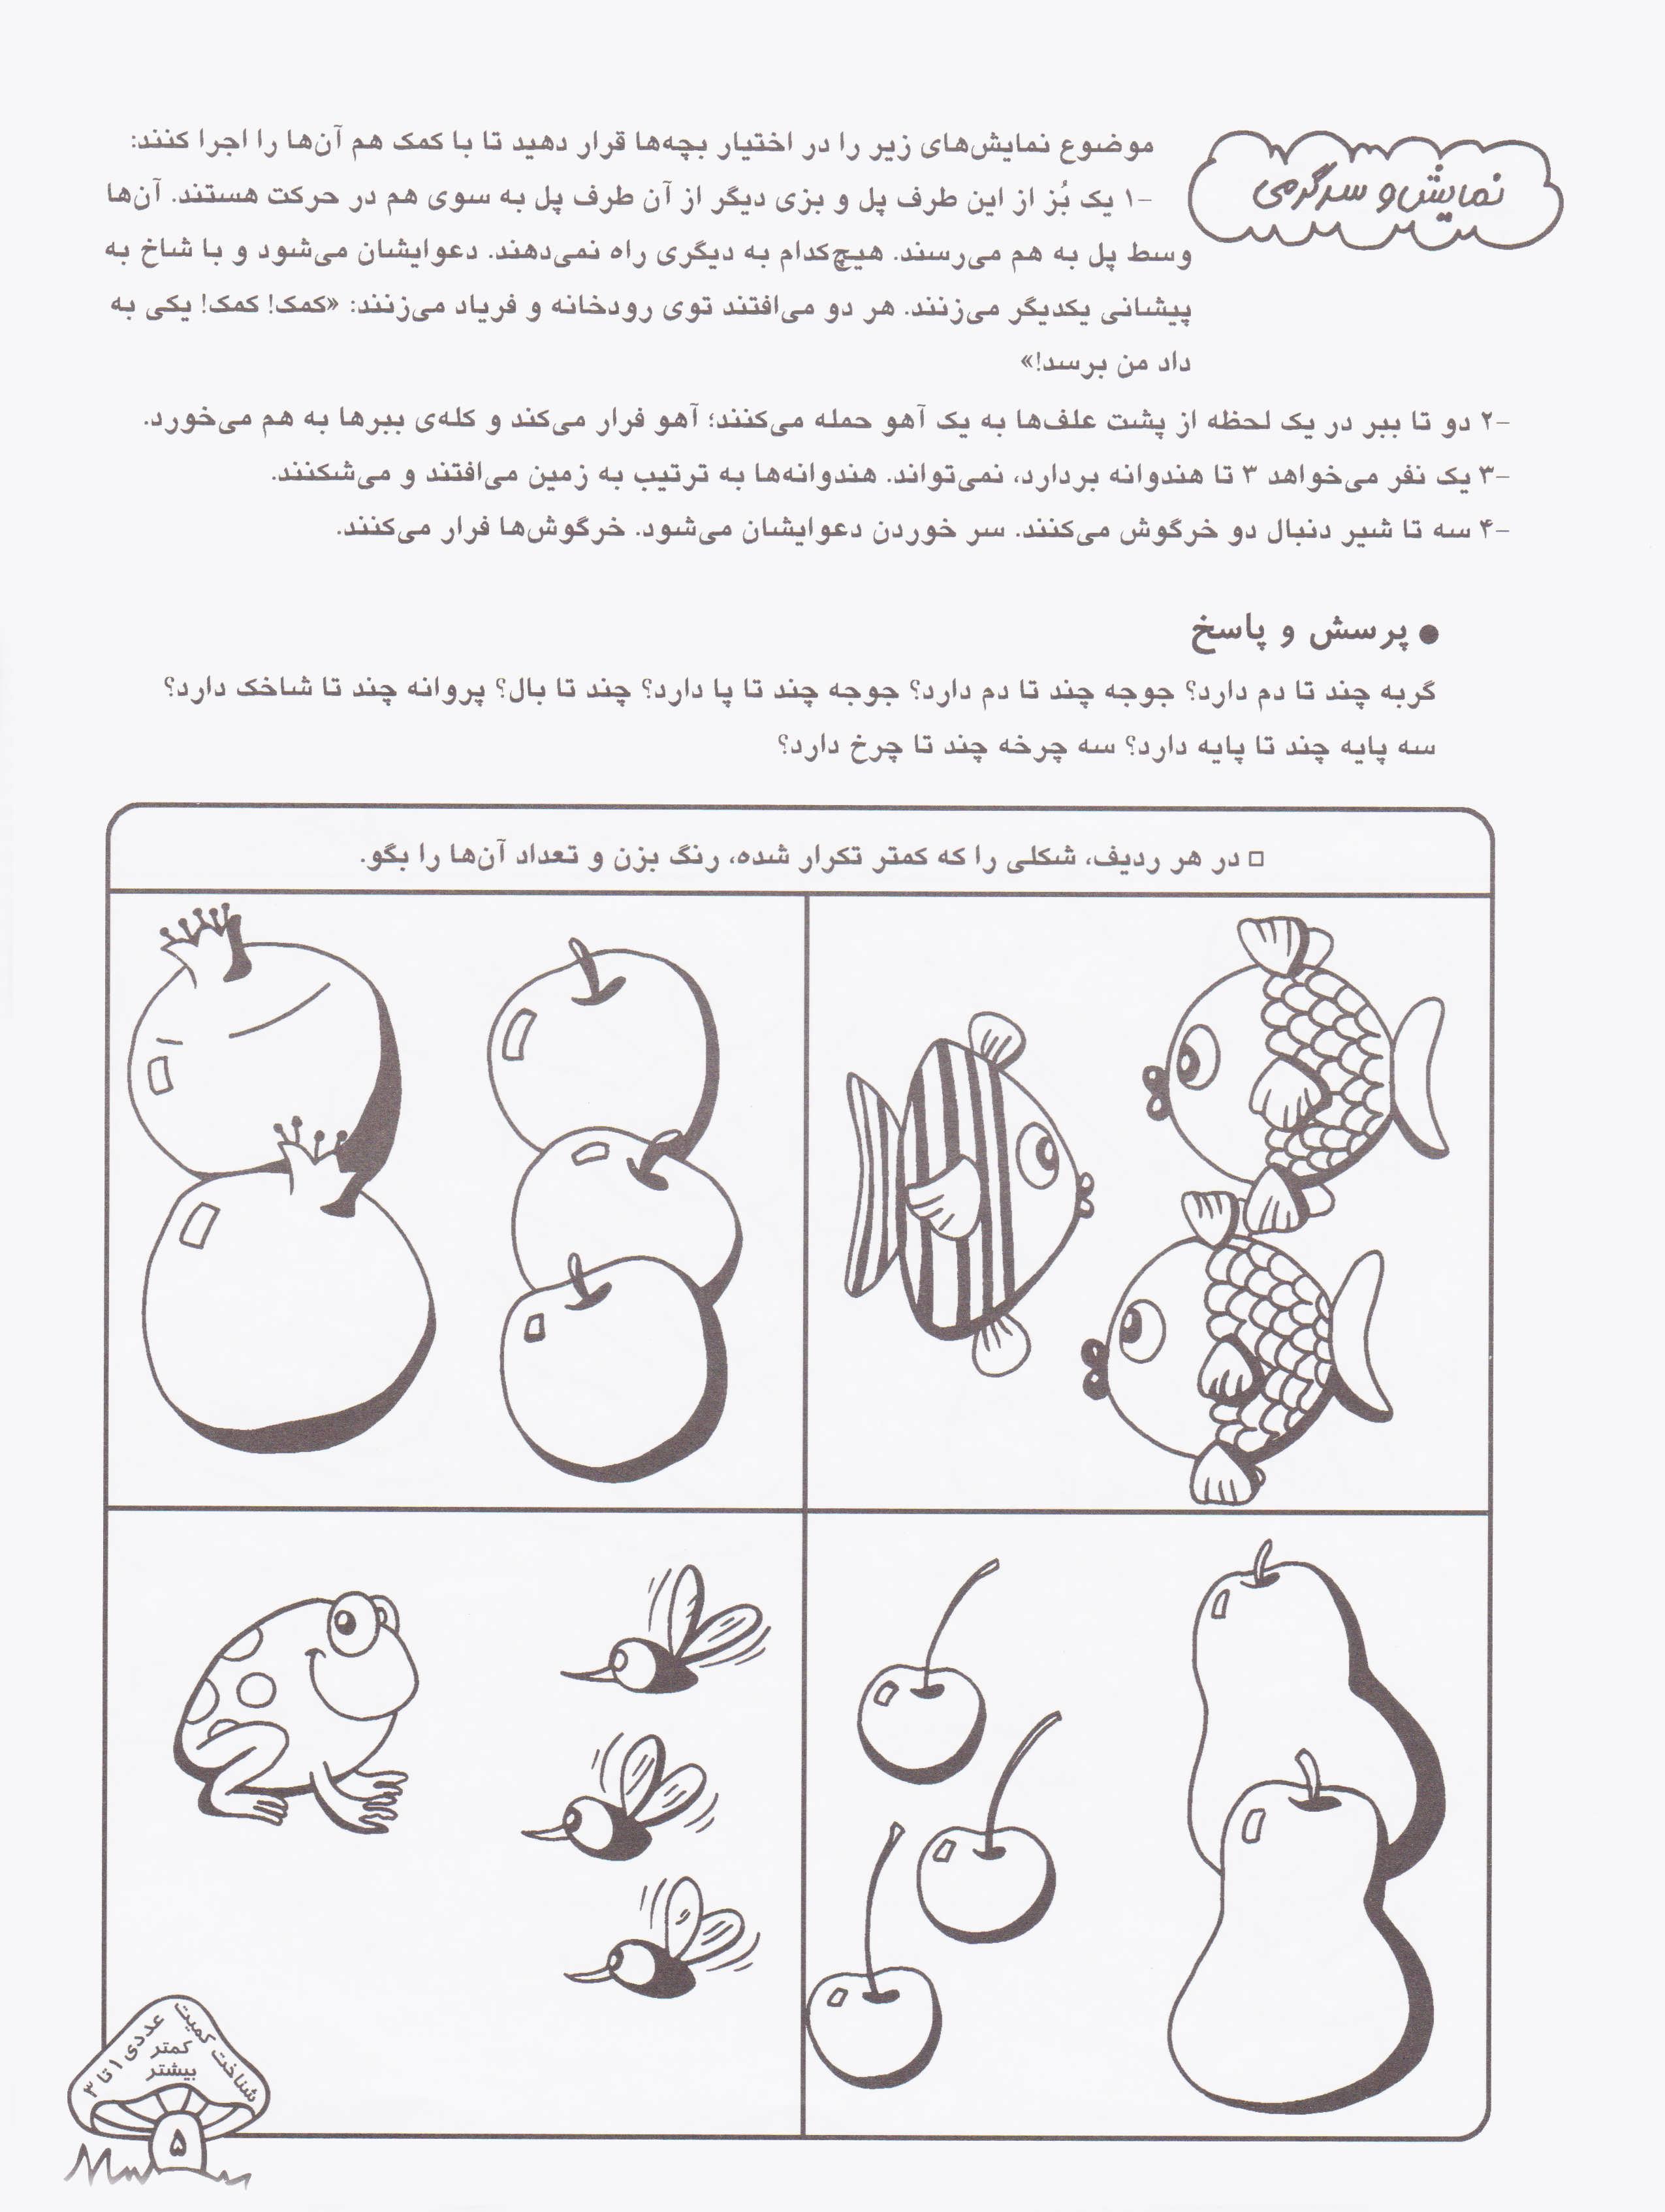 کتاب های پیش از دبستان 3 (آشنایی با کمیت های عددی (آموزش مفاهیم ریاضی…))